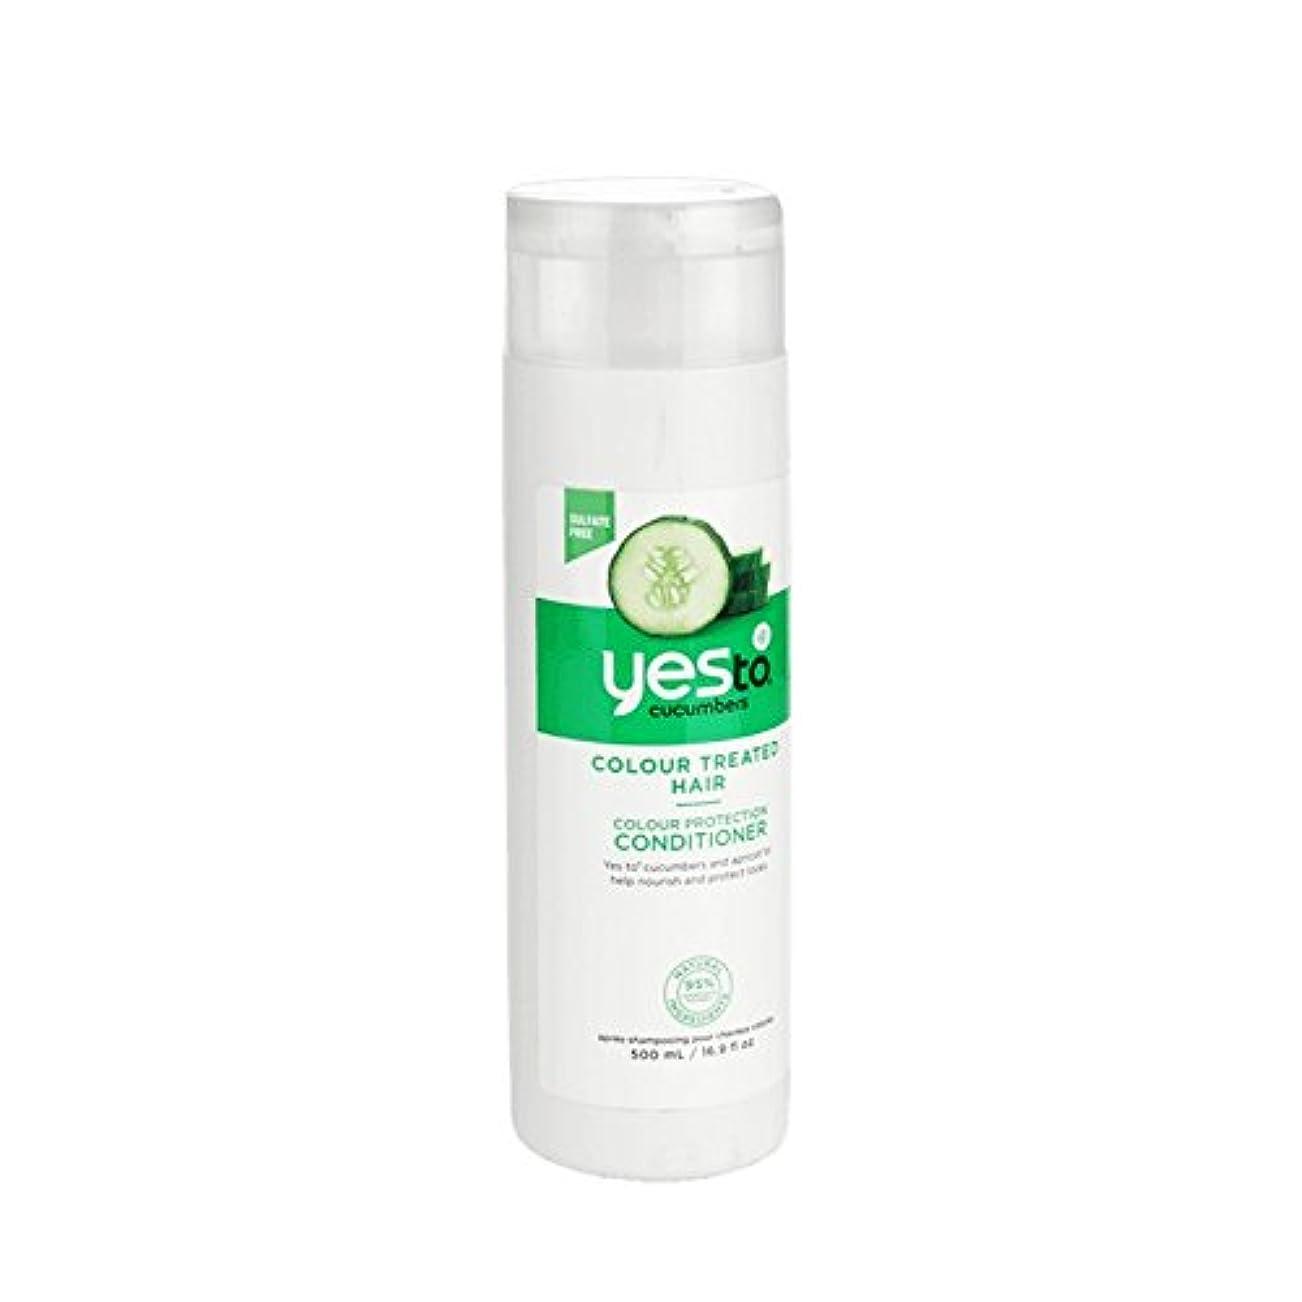 むき出し慣れる追い付くYes To Cucumbers Colour Protection Conditioner 500ml (Pack of 2) - はいキュウリの色の保護コンディショナー500ミリリットルへ (x2) [並行輸入品]